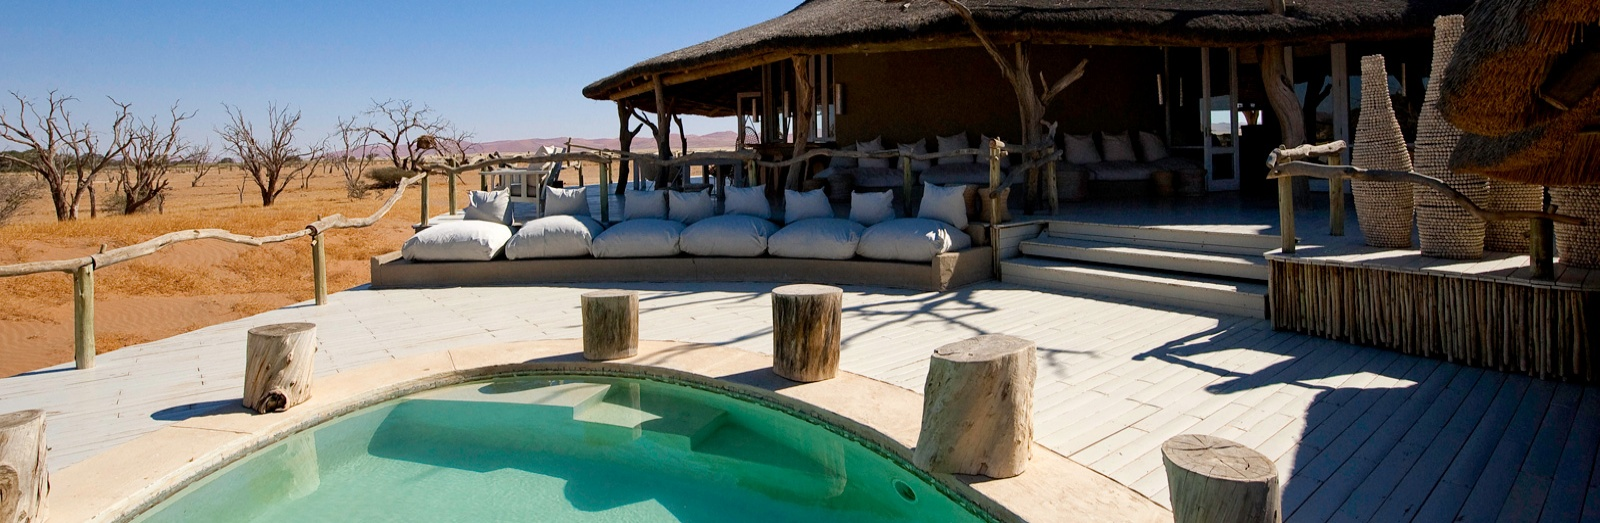 Kiến trúc của Little Kulala được thiết kế theo phong cách đậm chất sa mạc hoang dã.